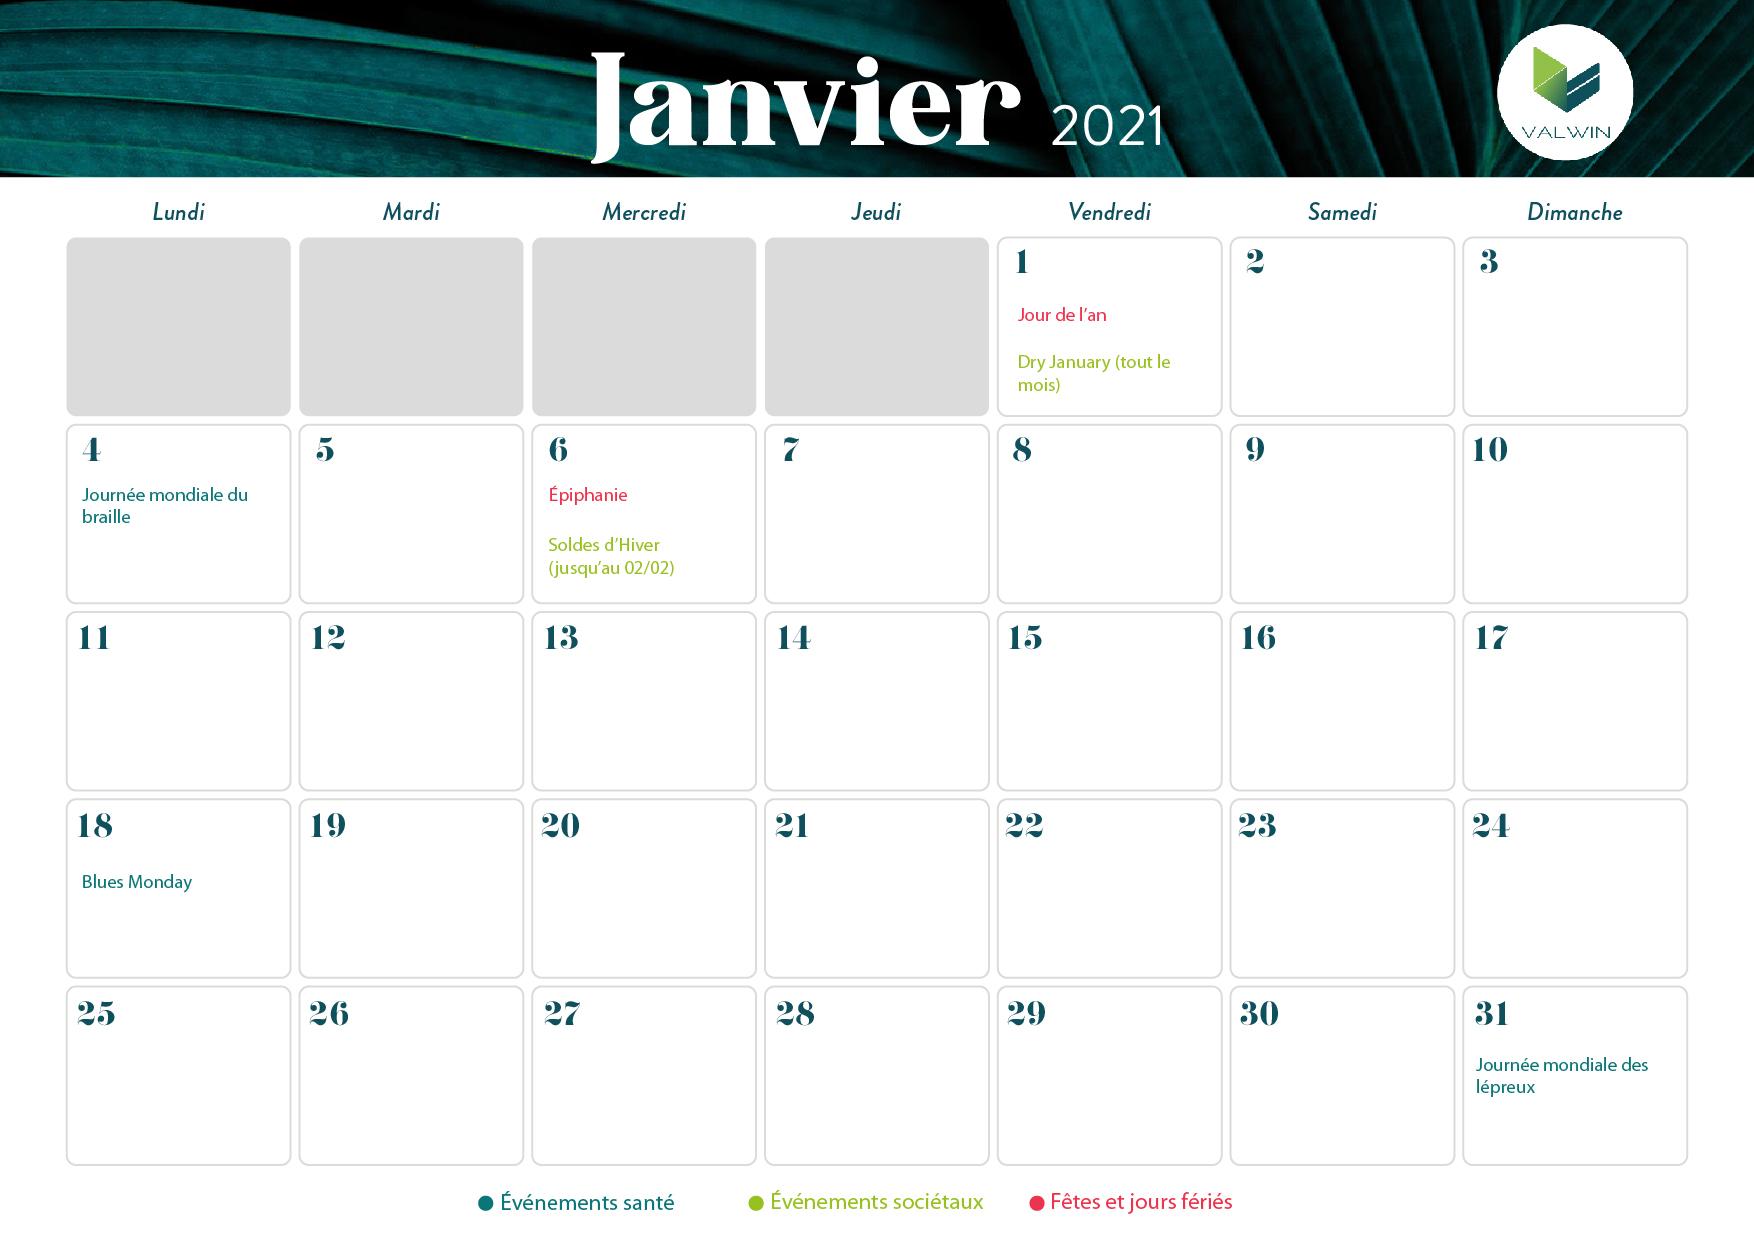 liste-toutes-les-journées-mondiales-de-Santé-janvier-2021.jpg